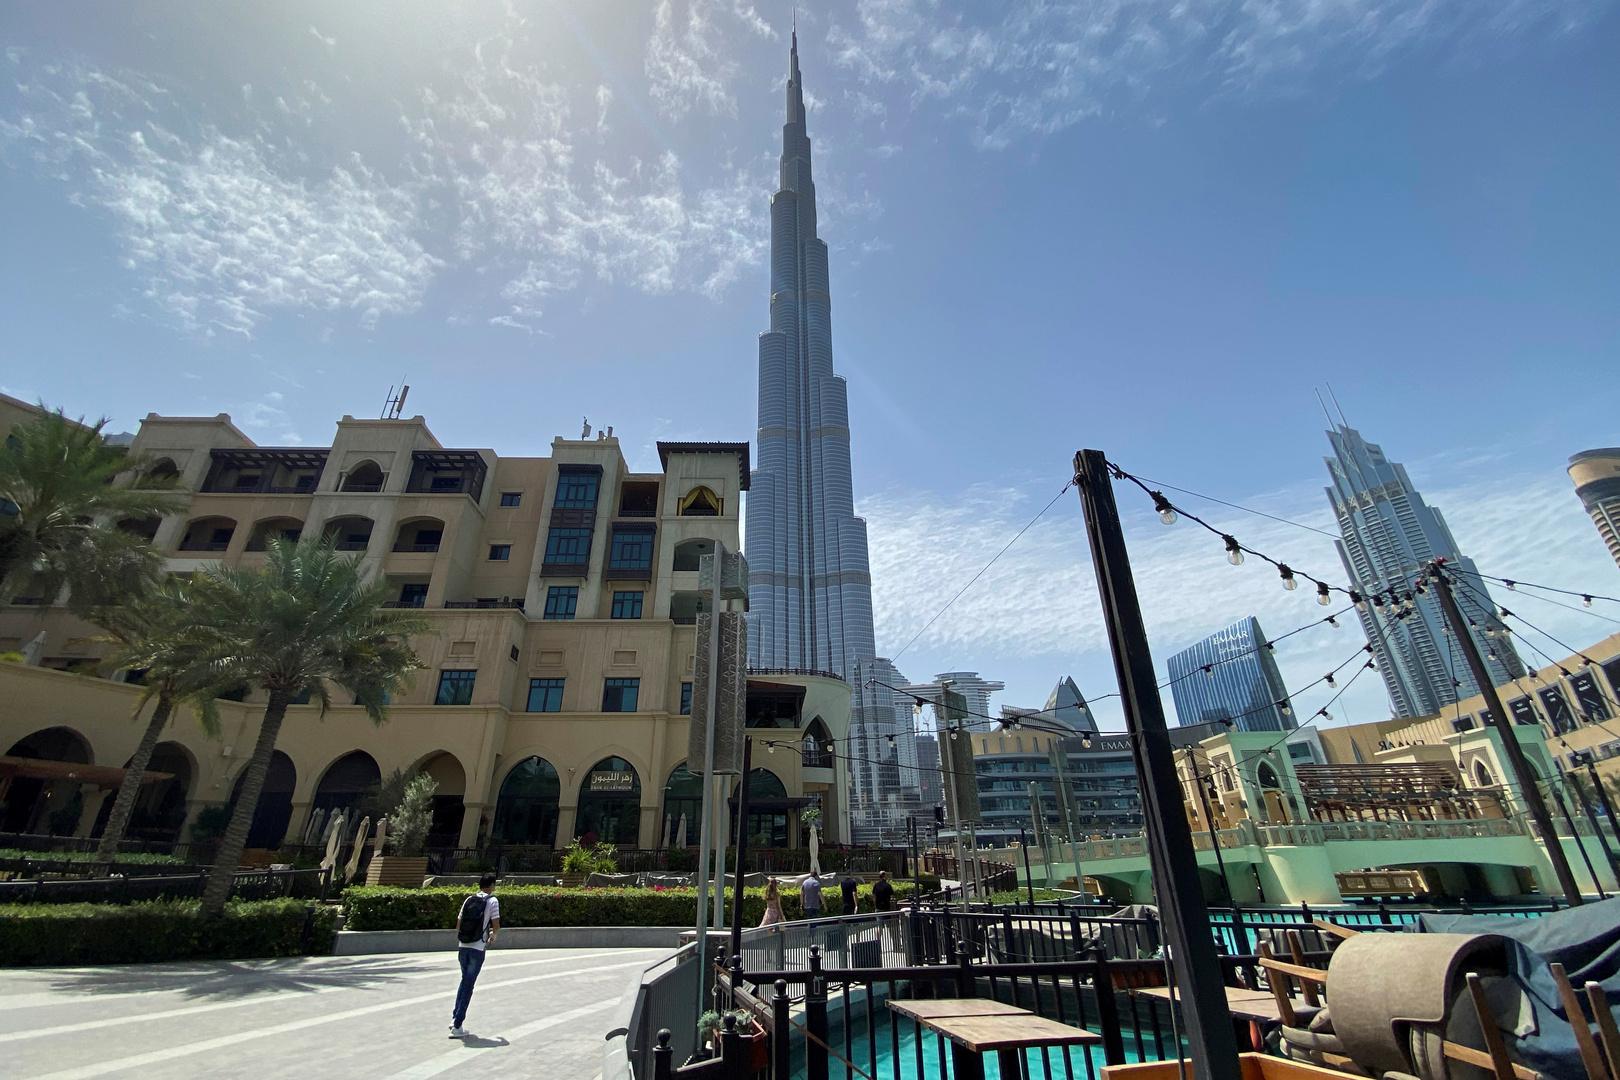 الإمارات تسمح بعودة حاملي الإقامات المتواجدين في الخارج والذين لهم أقارب في البلاد